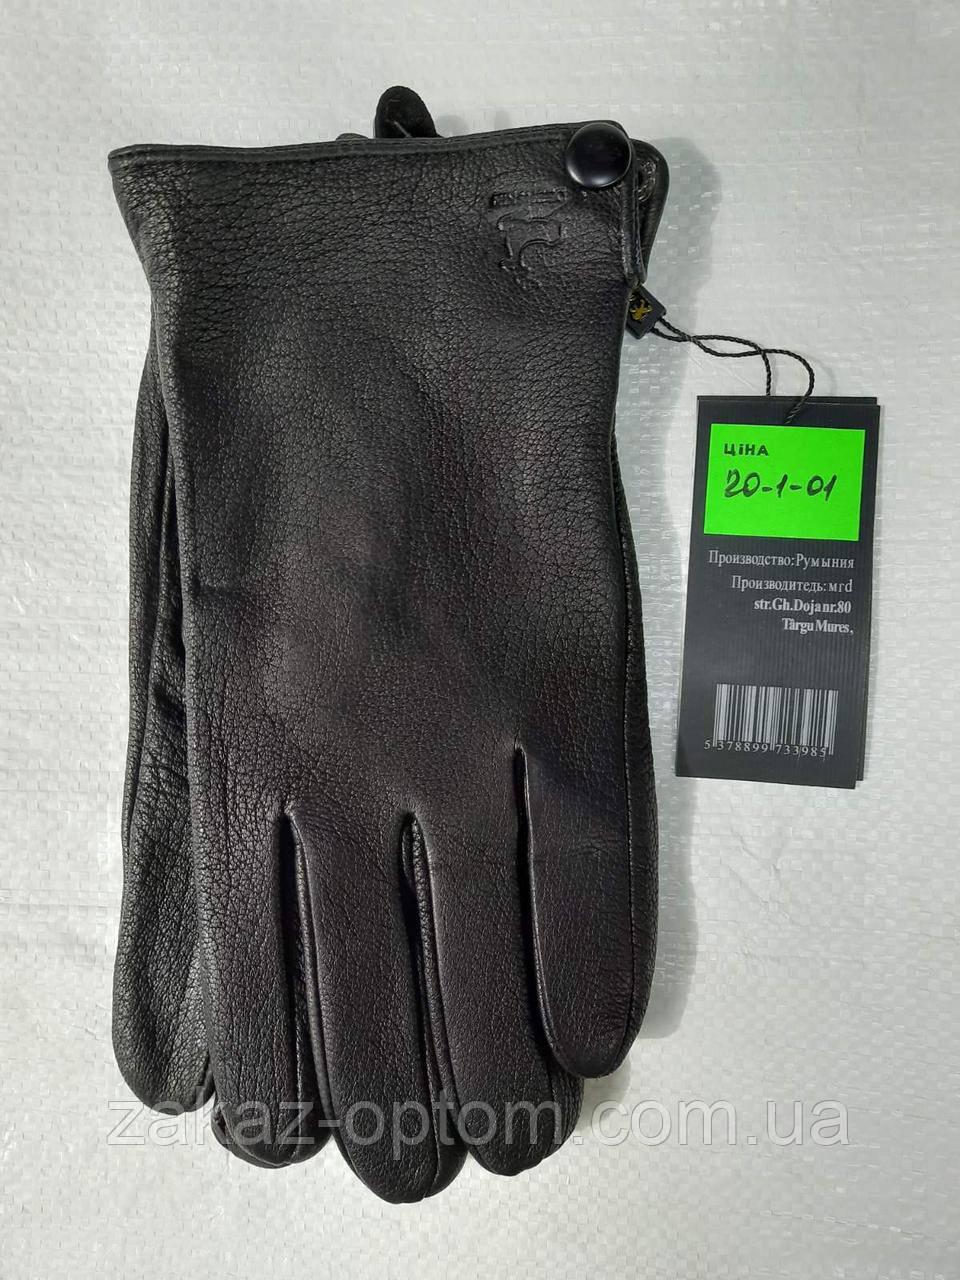 Мужские перчатки оптом кожа оленья(10,5-12,5)Румыния 20-1-00 -63198